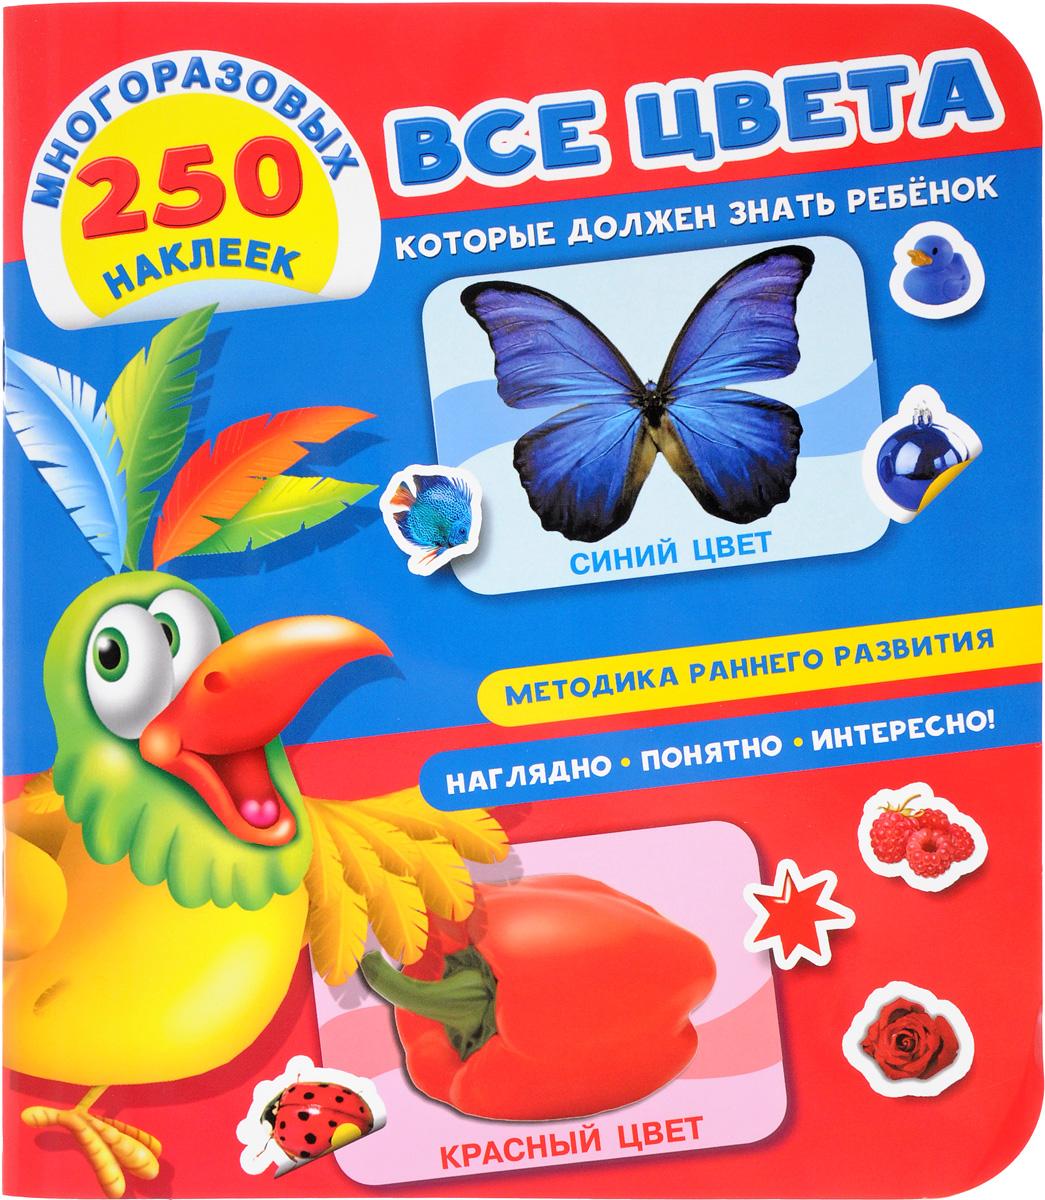 9785171015336 - Валентина Дмитриева: Все цвета, которые должен знать ребенок - Livre